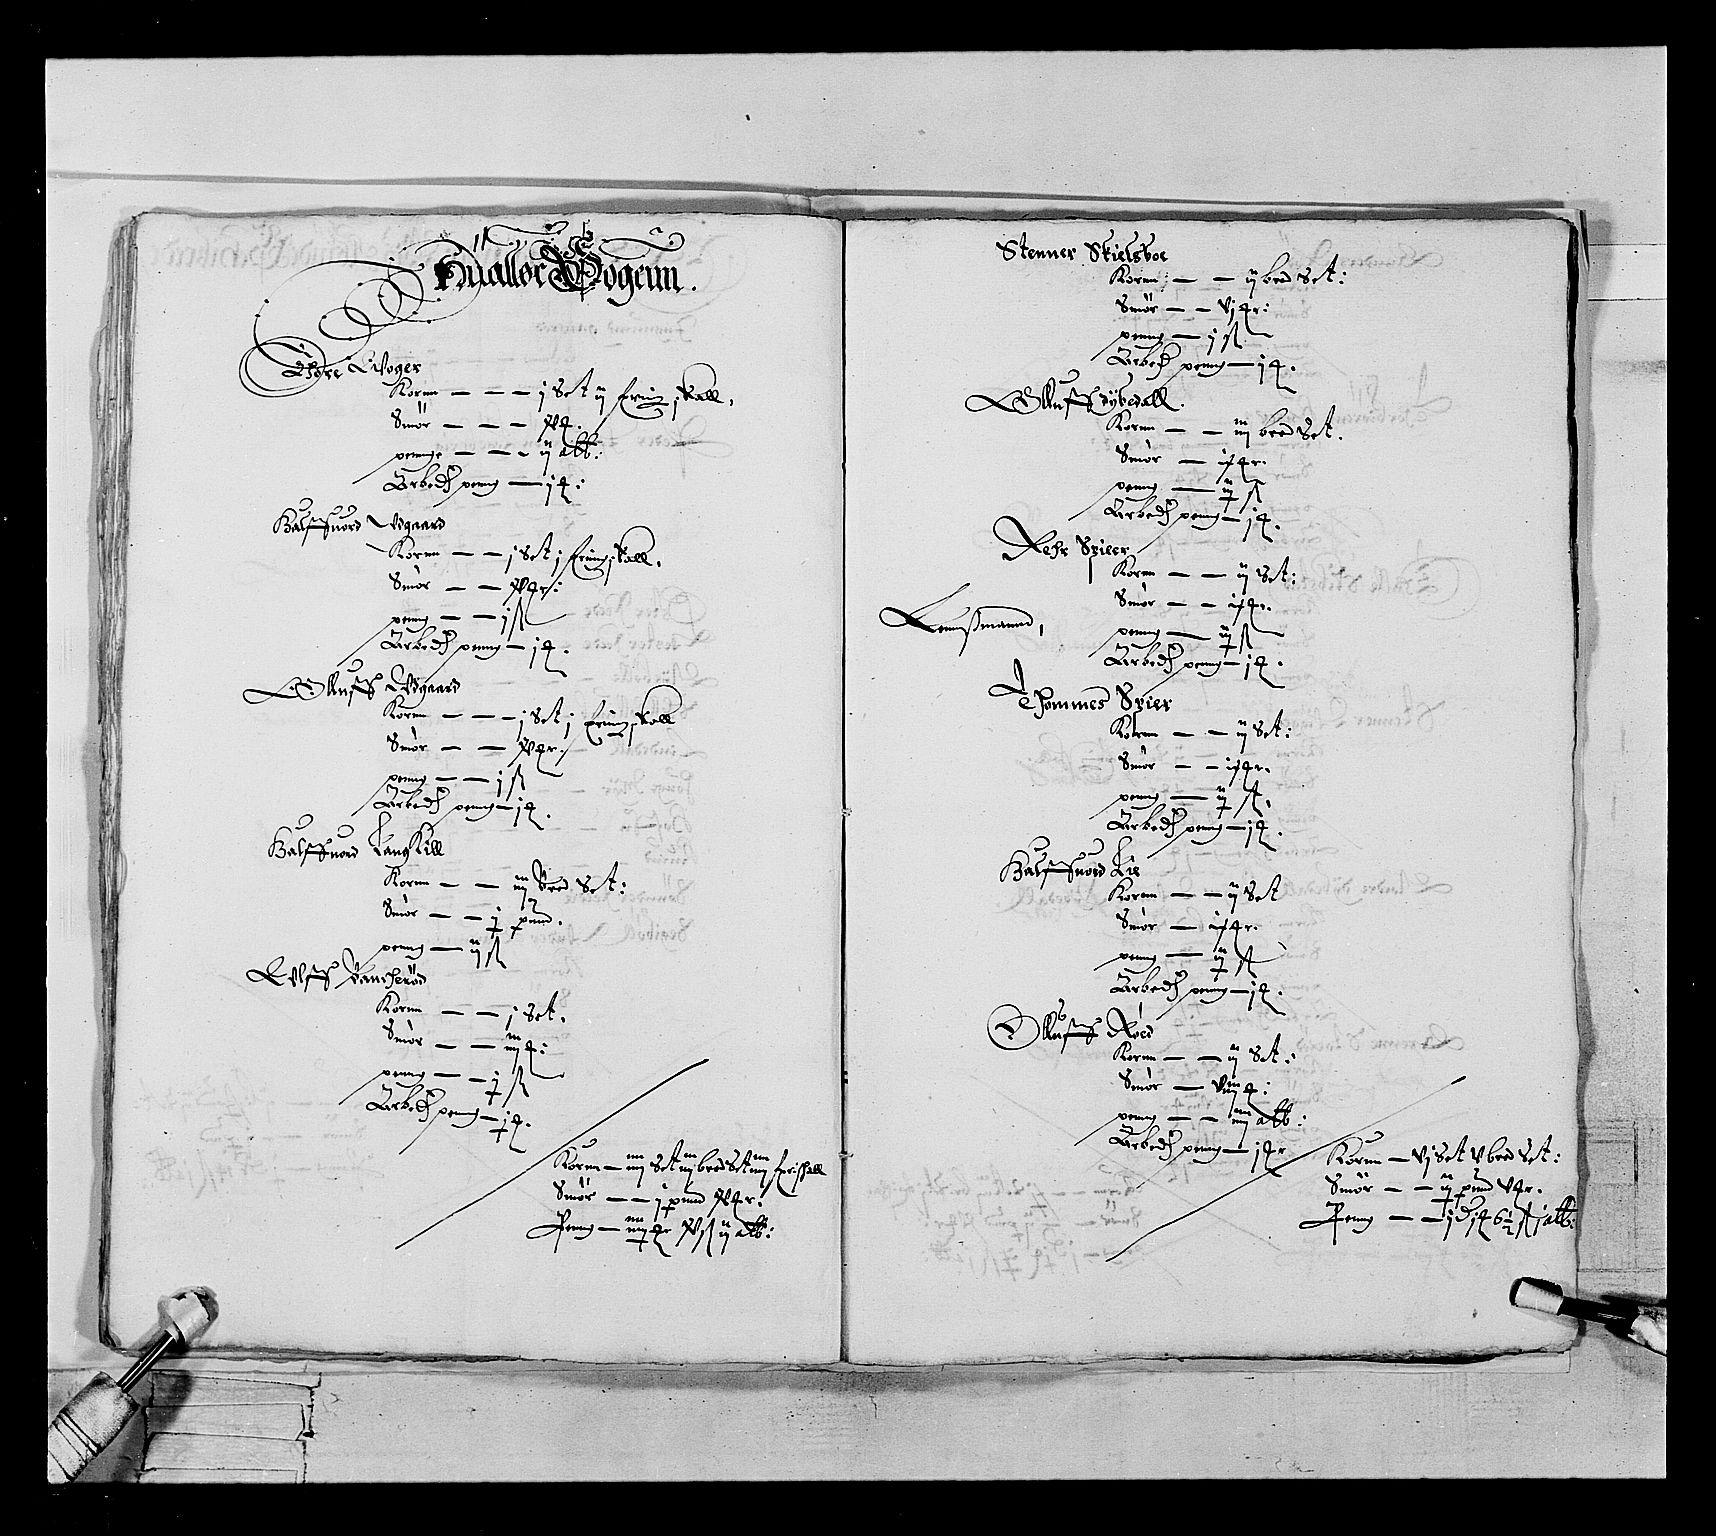 RA, Stattholderembetet 1572-1771, Ek/L0022: Jordebøker 1633-1658:, 1646-1647, s. 28